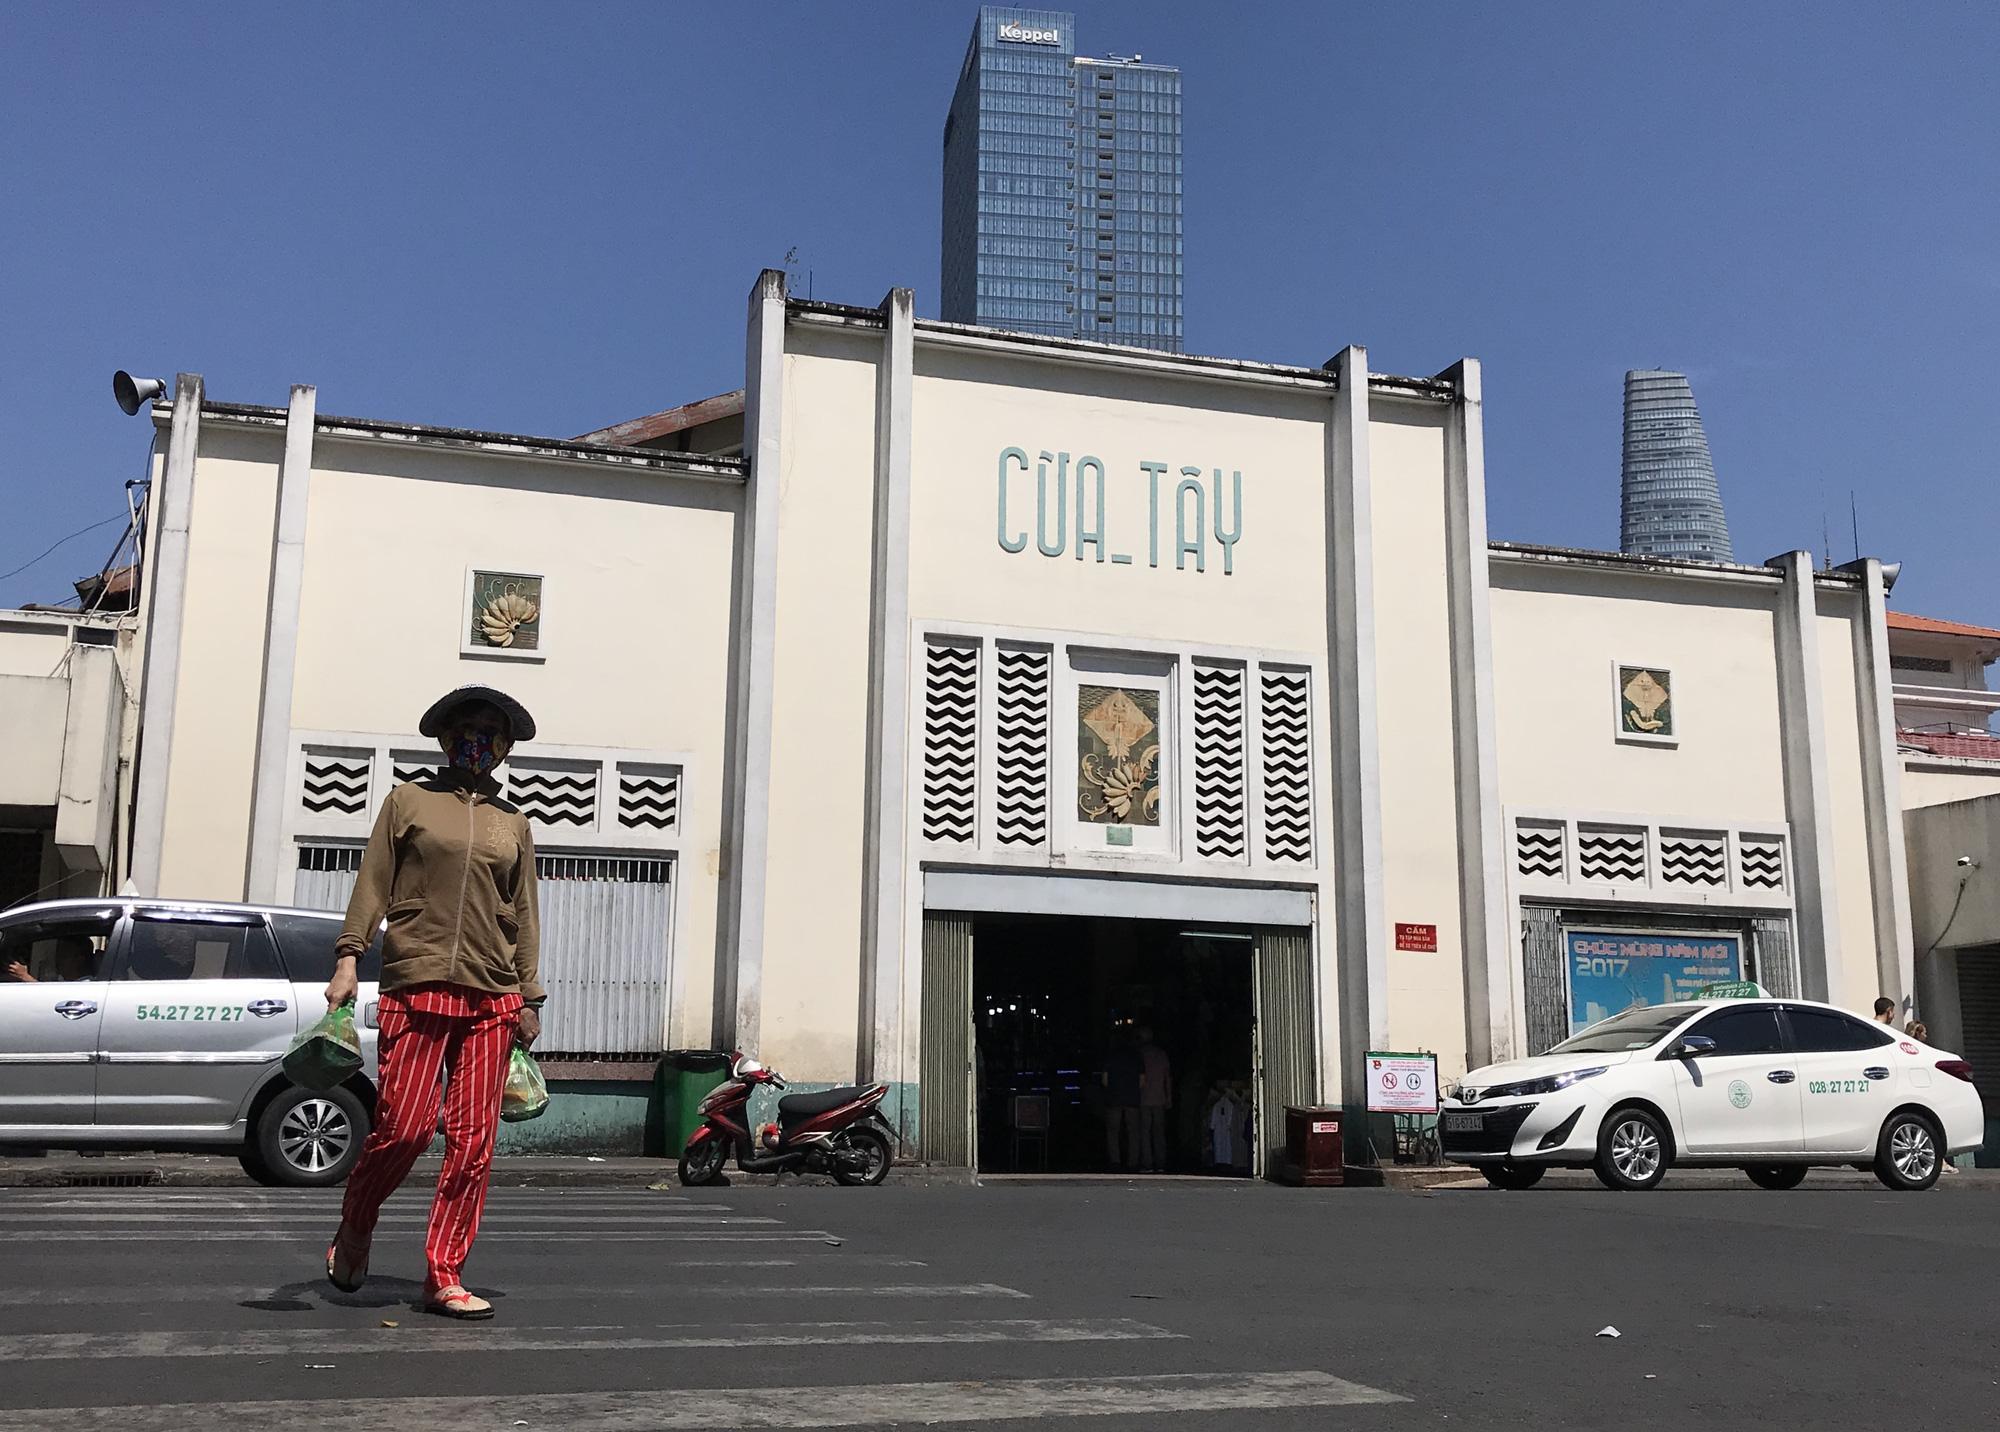 Chợ Bến Thành, Saigon Square ế chưa từng thấy, có tiểu thương đóng cửa, sang sạp vì virus corona - Ảnh 3.